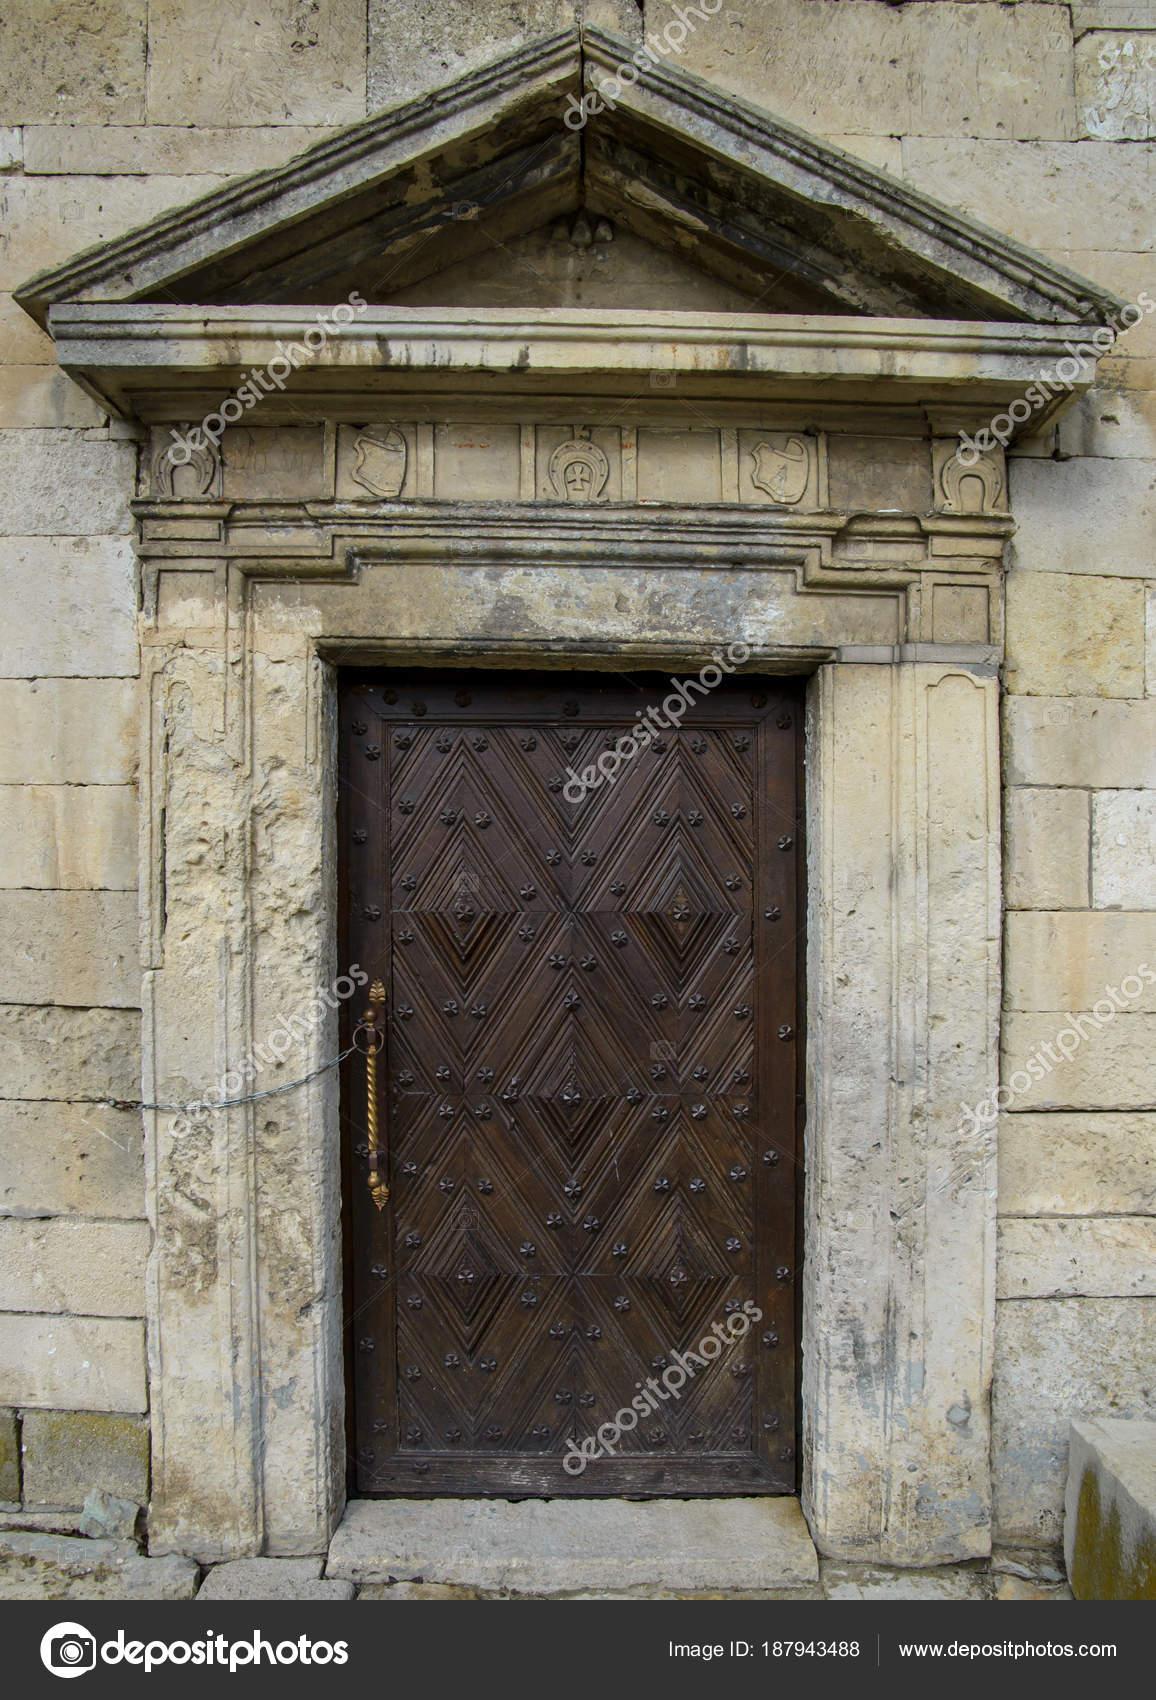 Ancienne porte dans ch teau vieille porte bois - Vieille porte en bois a donner ...